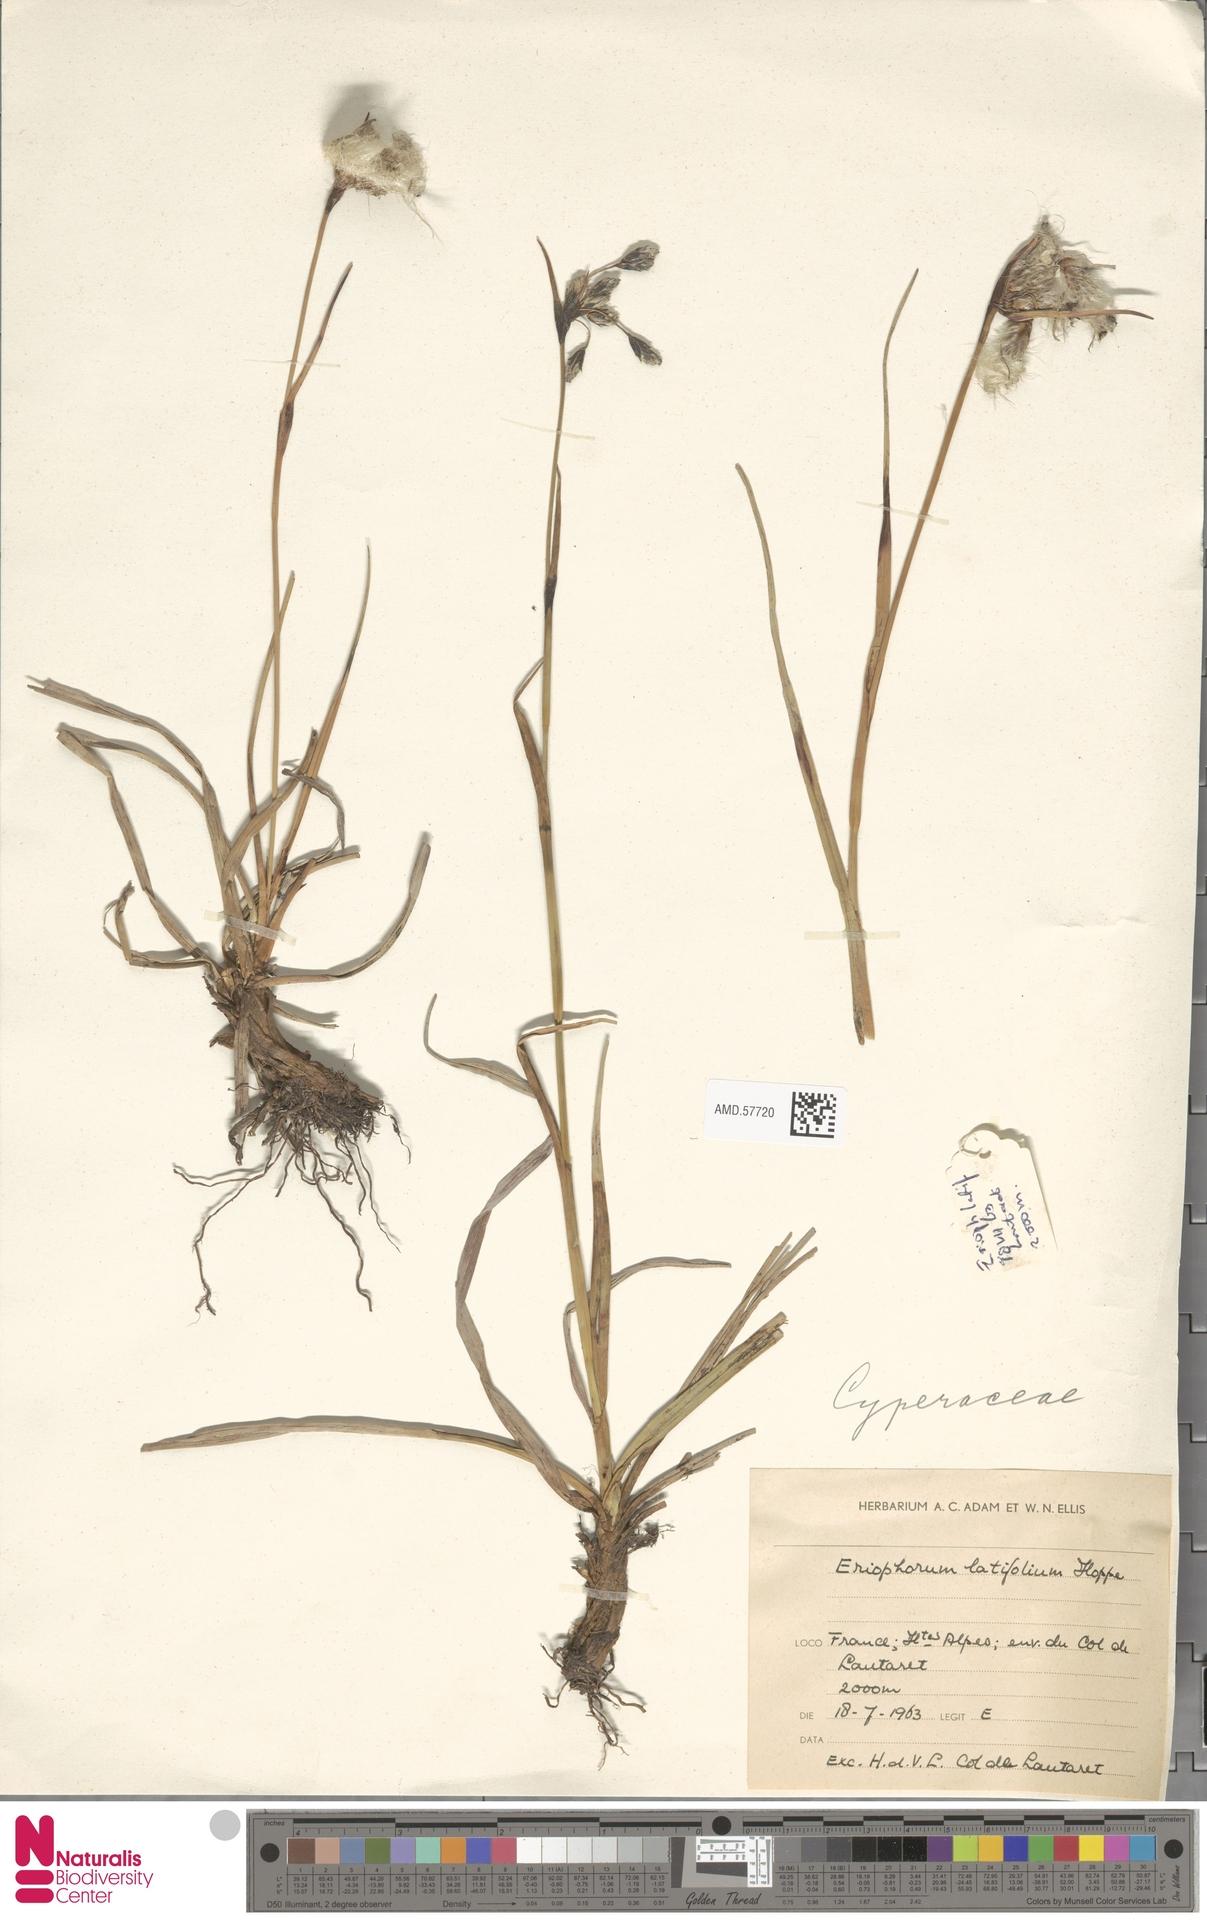 AMD.57720 | Eriophorum latifolium Hoppe